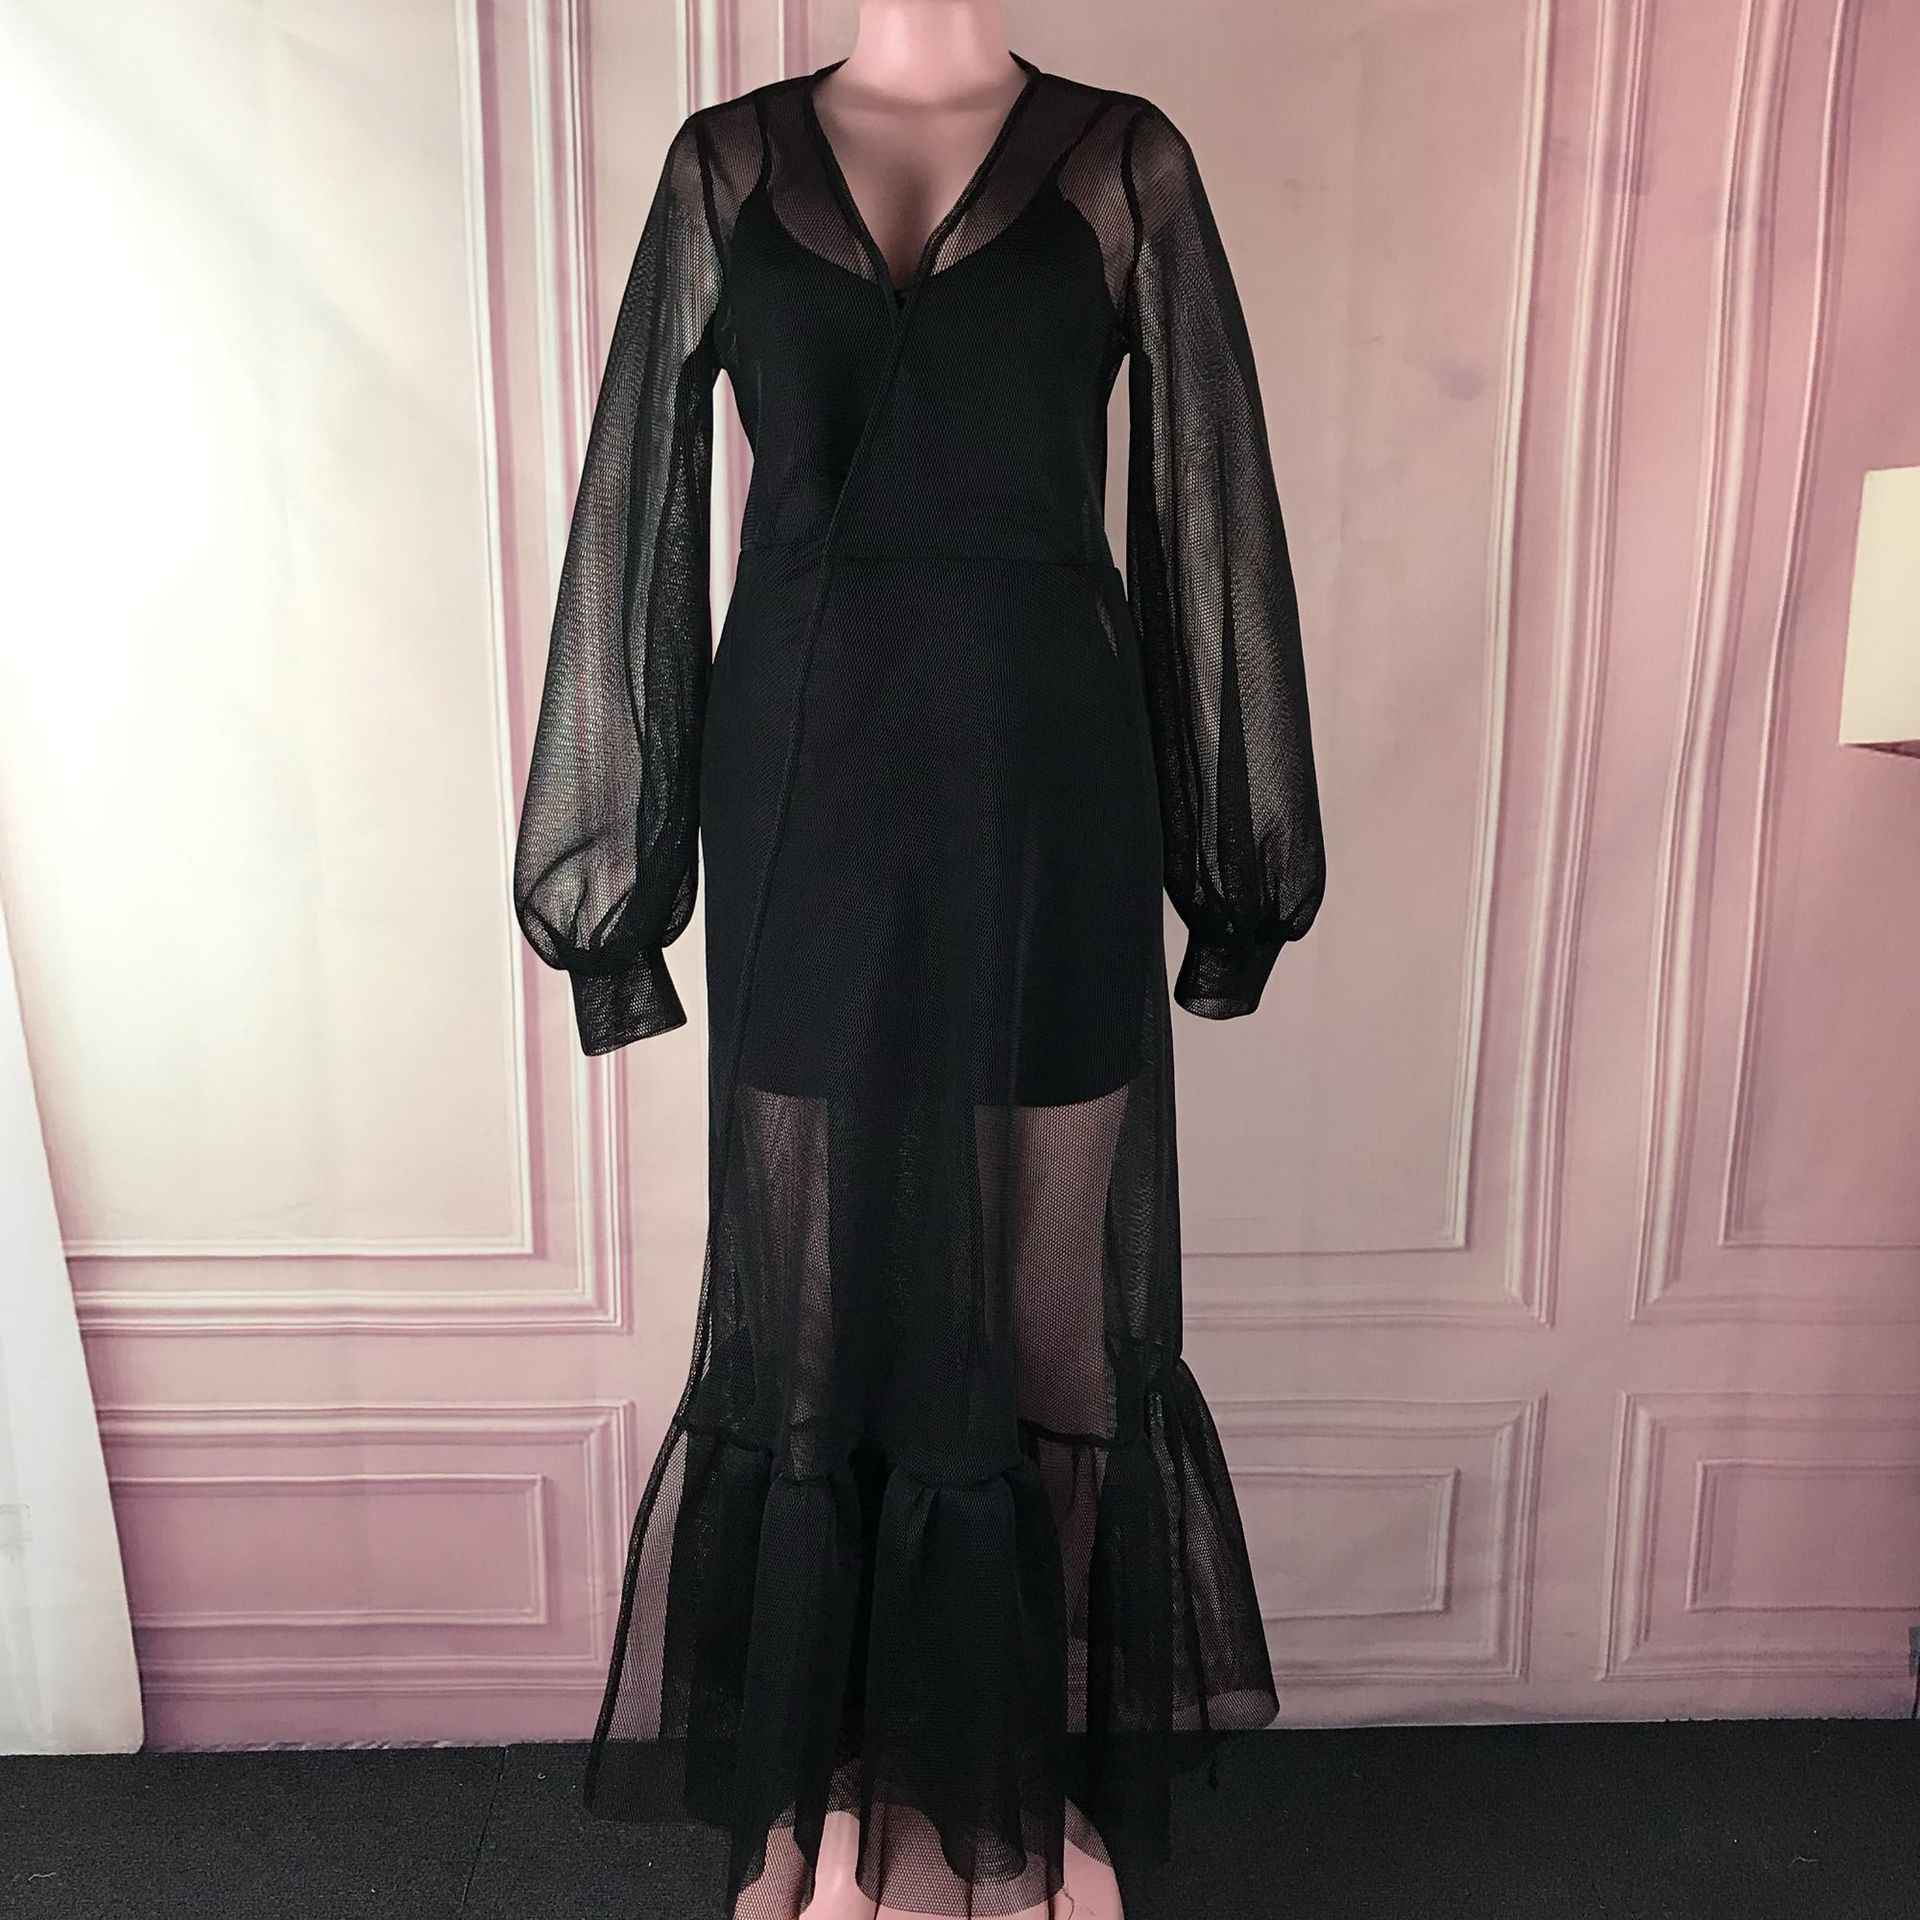 נשים רשת שחור לראות דרך מקסי שמלה סקסי פנס ארוך שרוול קו רצפת אורך ערב המפלגה ראפלס שמלות ארוך vestidos